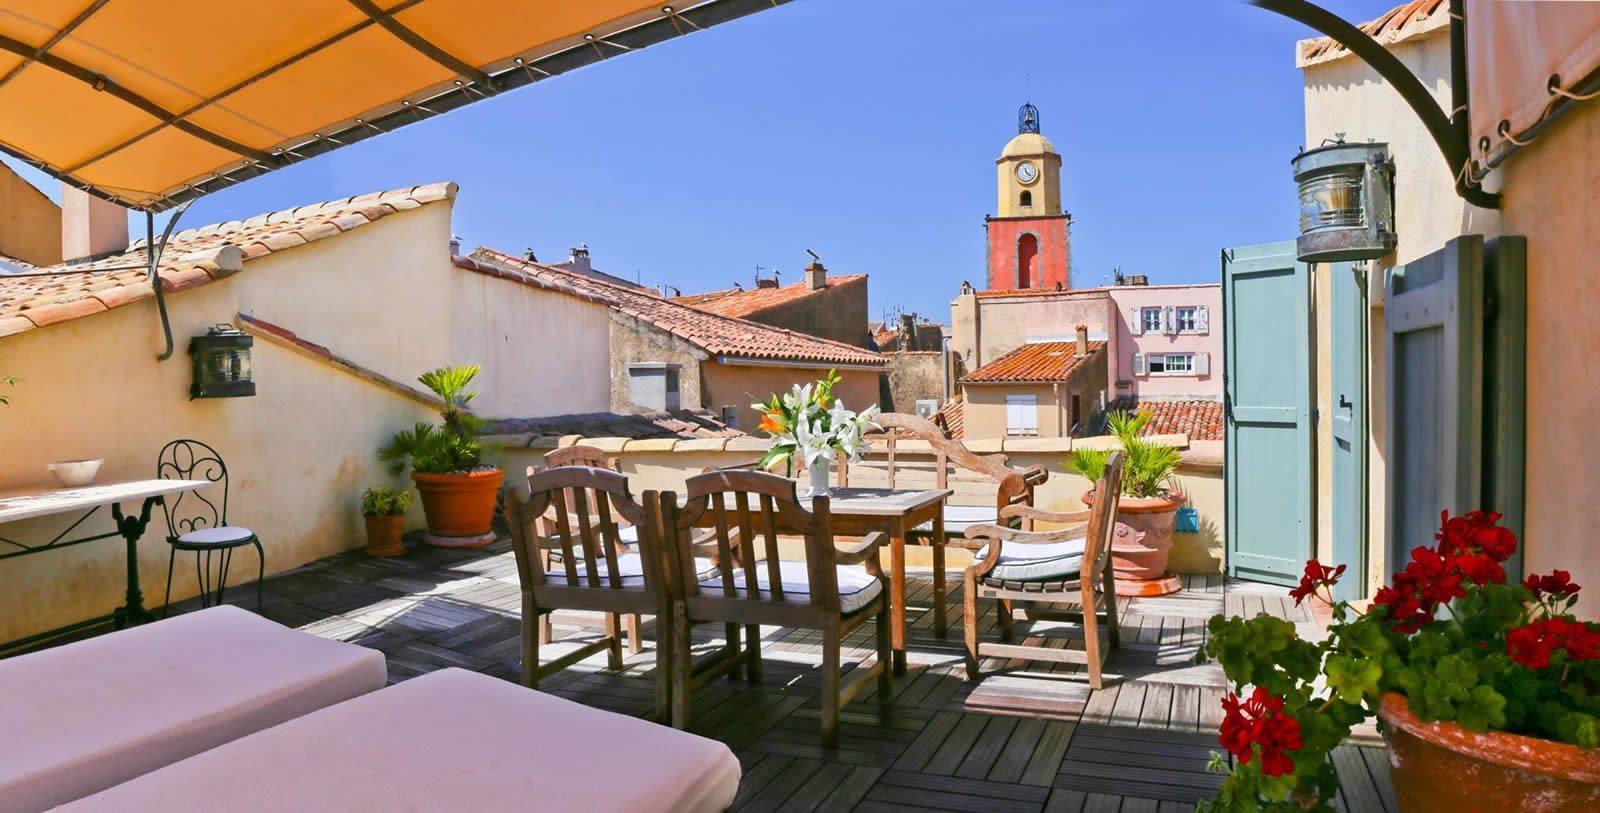 hotel-saint-tropez-terrasse-vue-mer-clocher--